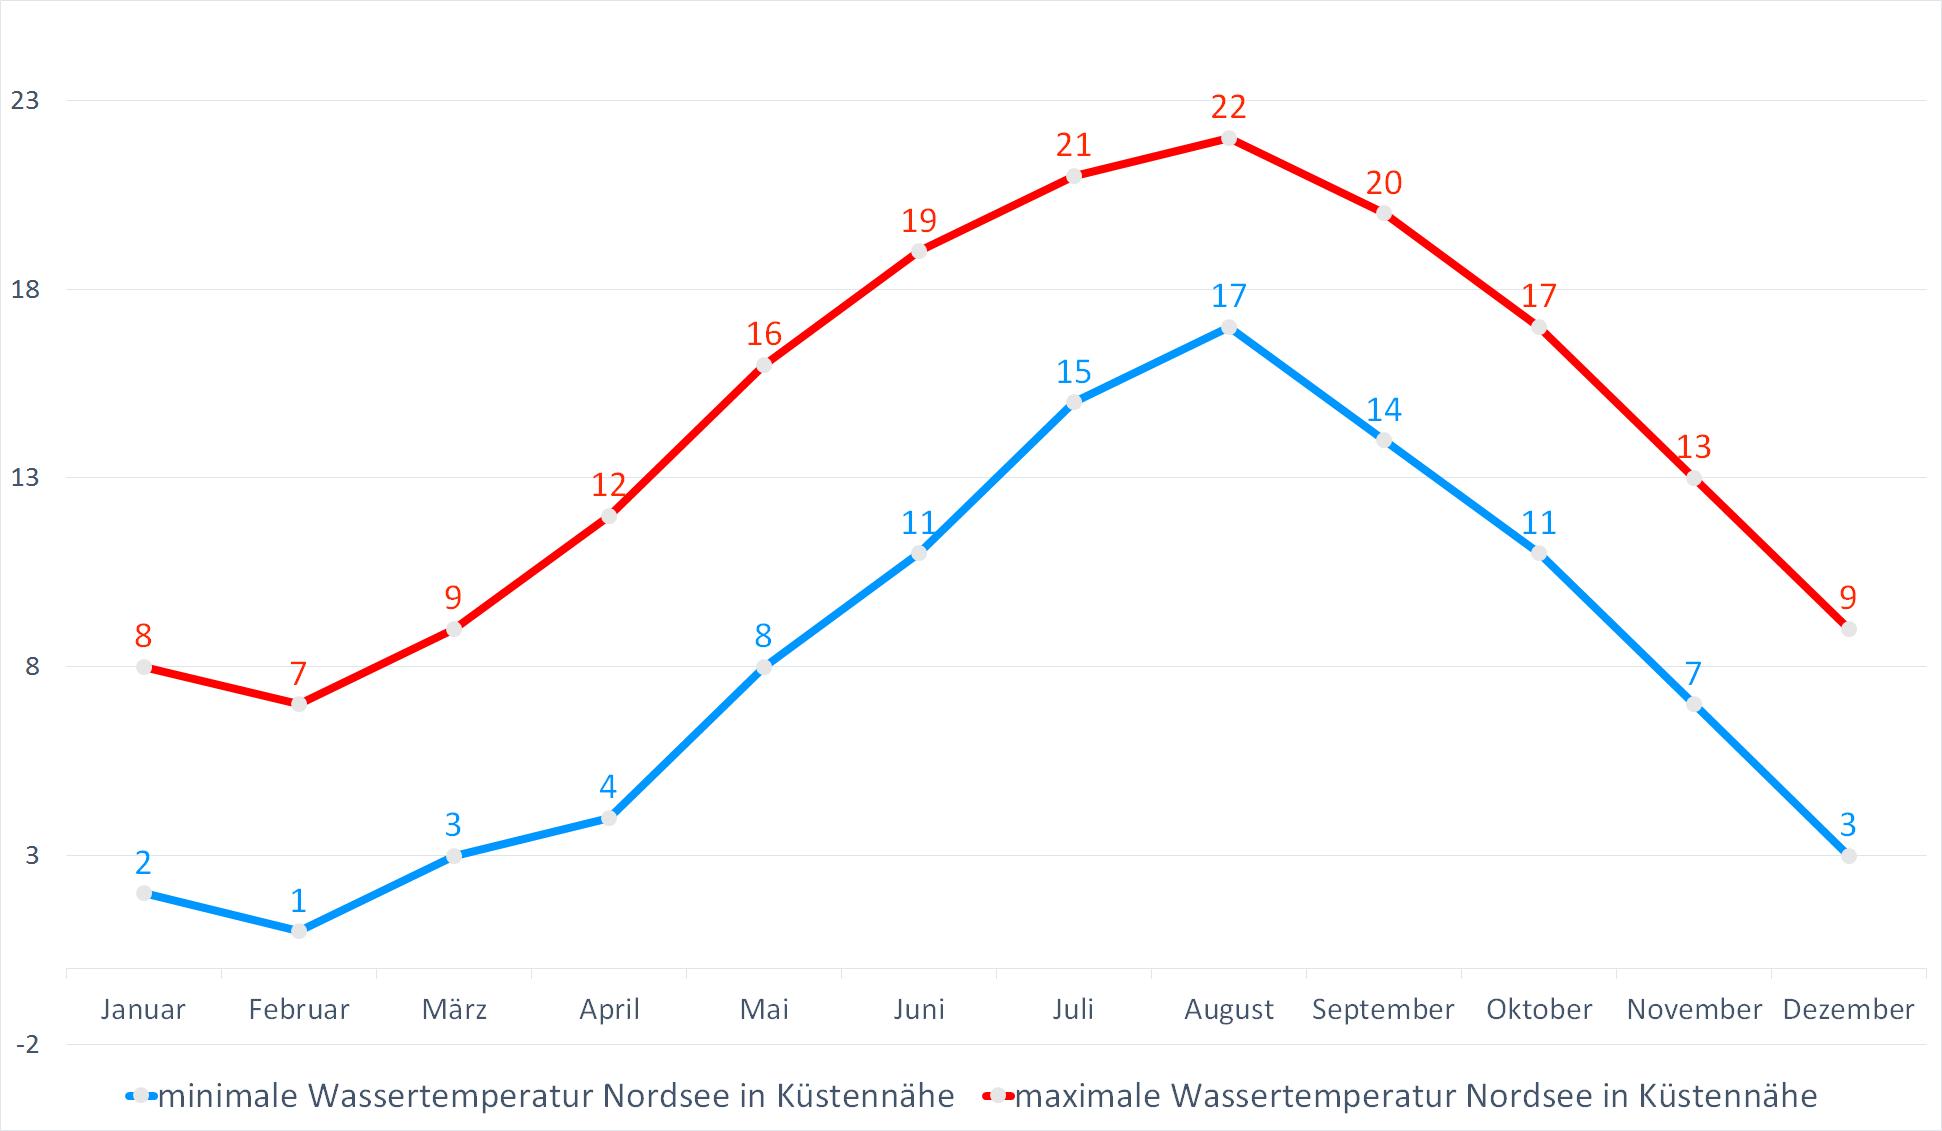 Minimale & Maximale Wassertemperaturen der Nordsee in Küsstennähe